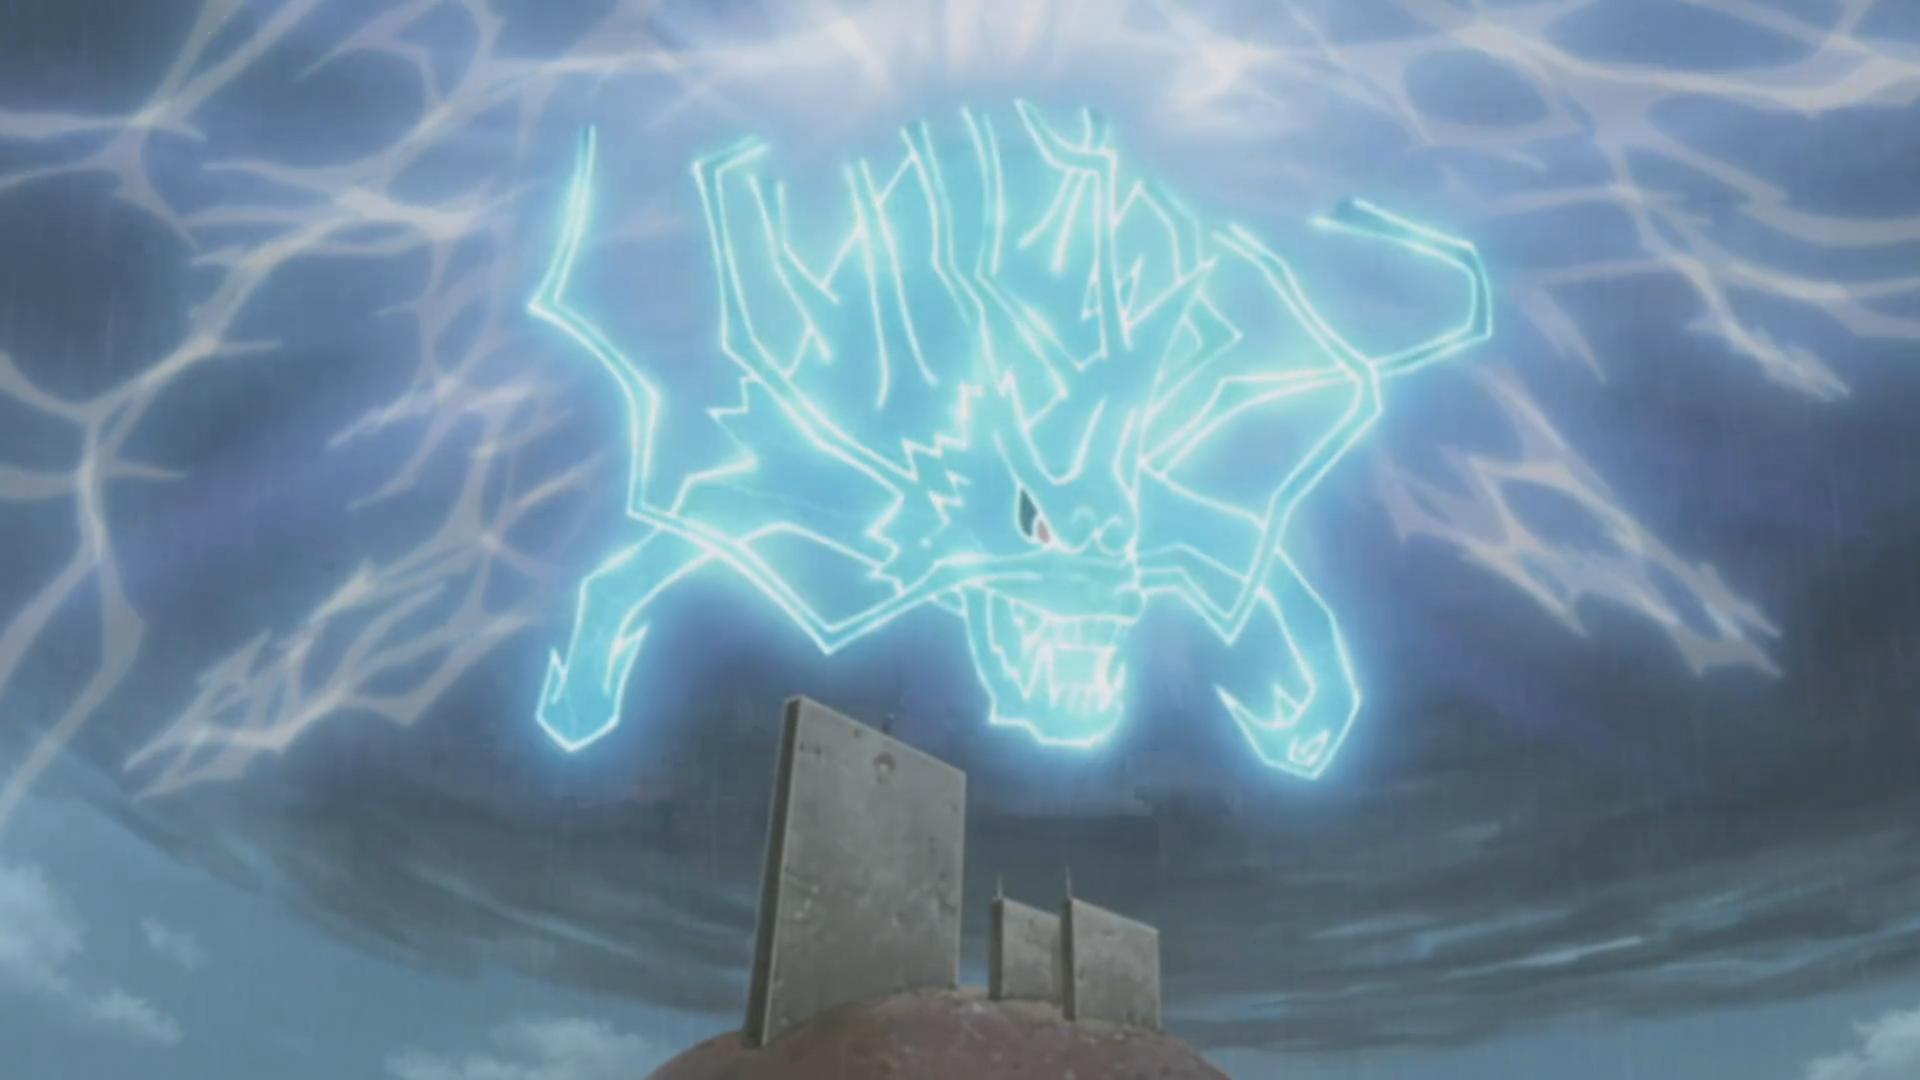 Tanpa Rinnegan, ini kekuatan lain Sasuke 4